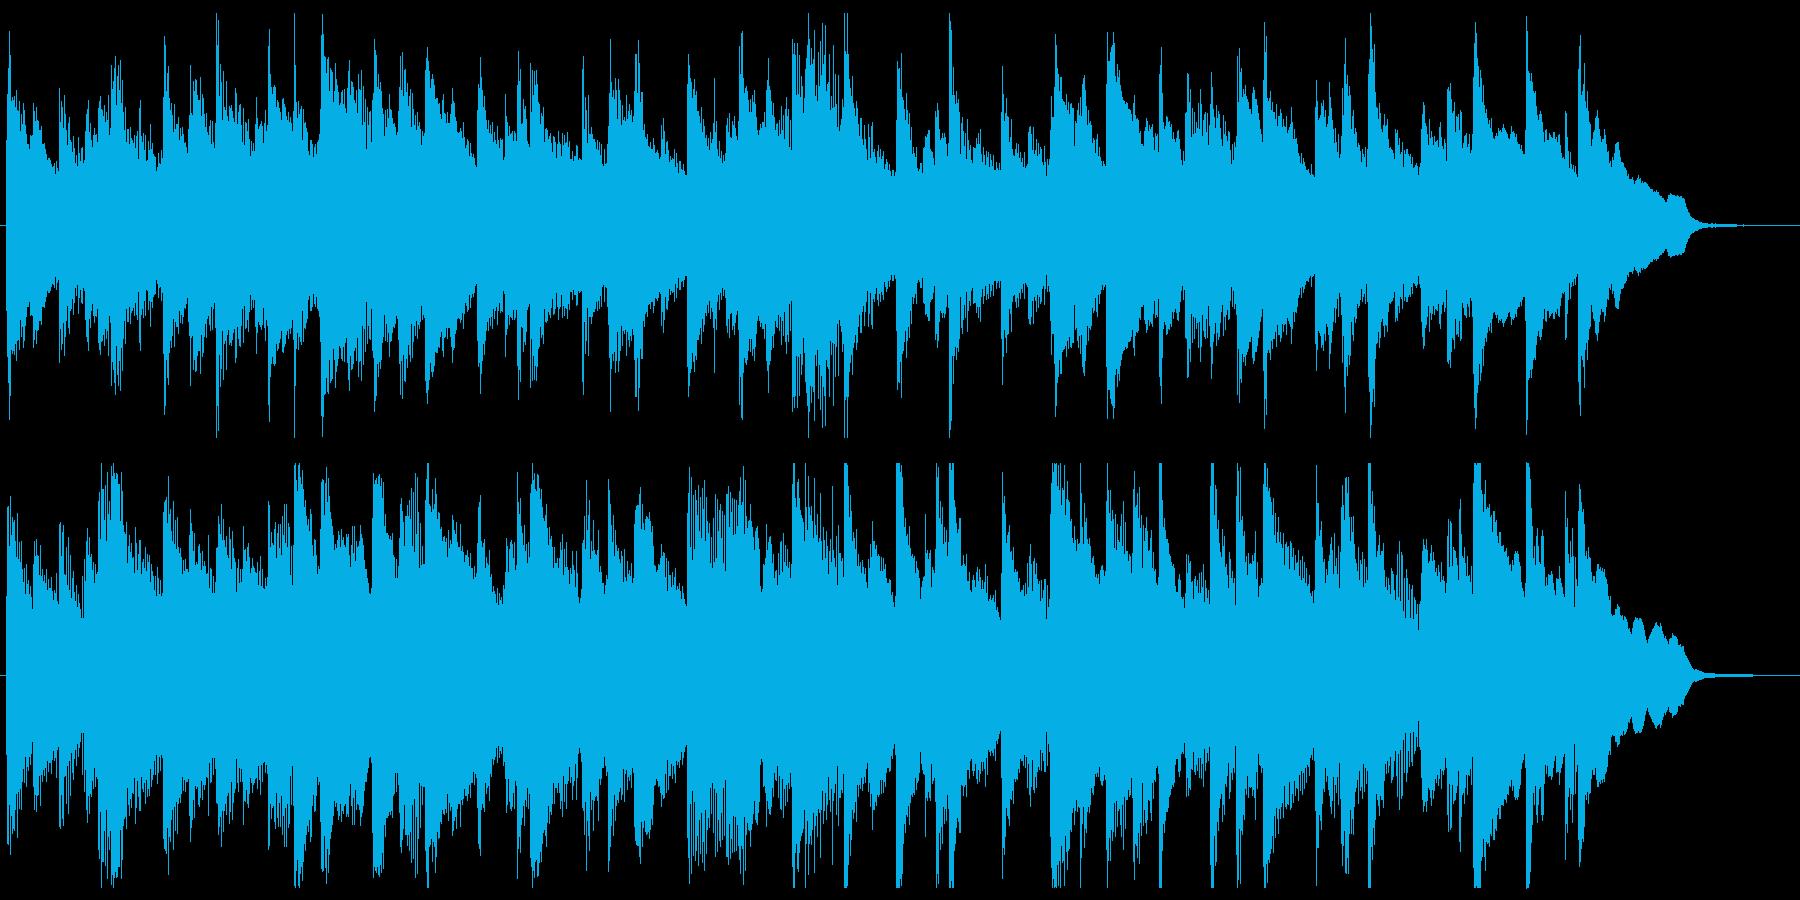 ピアノ30秒BGM《歩み》の再生済みの波形